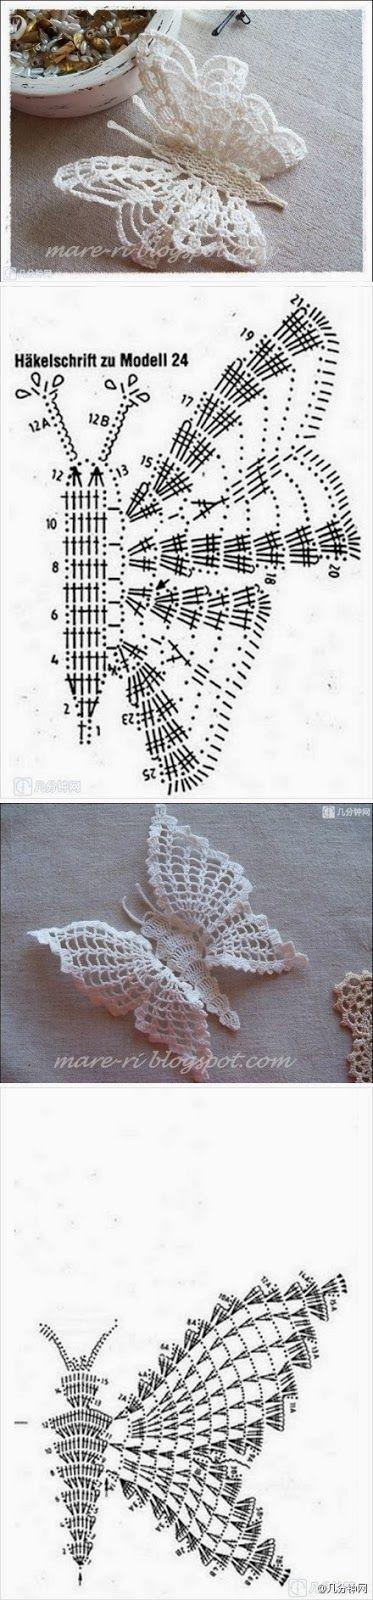 Como hacer una mariposa | animales | Pinterest | Mariposas, Tejido y ...